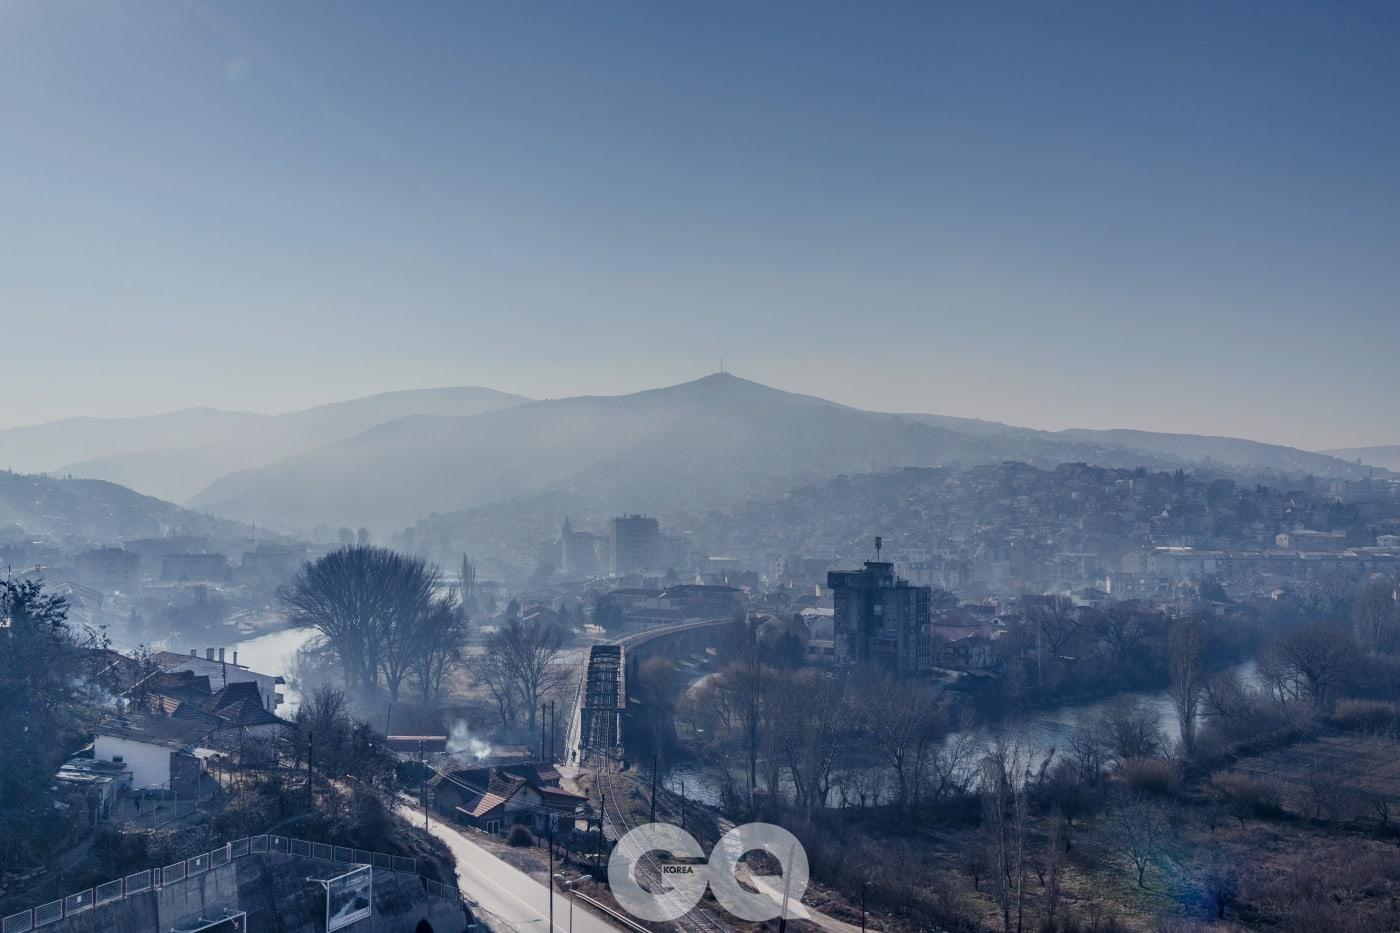 벨레스는 한때 소소한 영광을 누린, 산업 덕분에 살아 있는 소도시다. 옛 유고슬라비아에서 두 번째로 오염된 도시라는 오명을 변태적인 자부심과 함께 회상하던 때도 있었다.